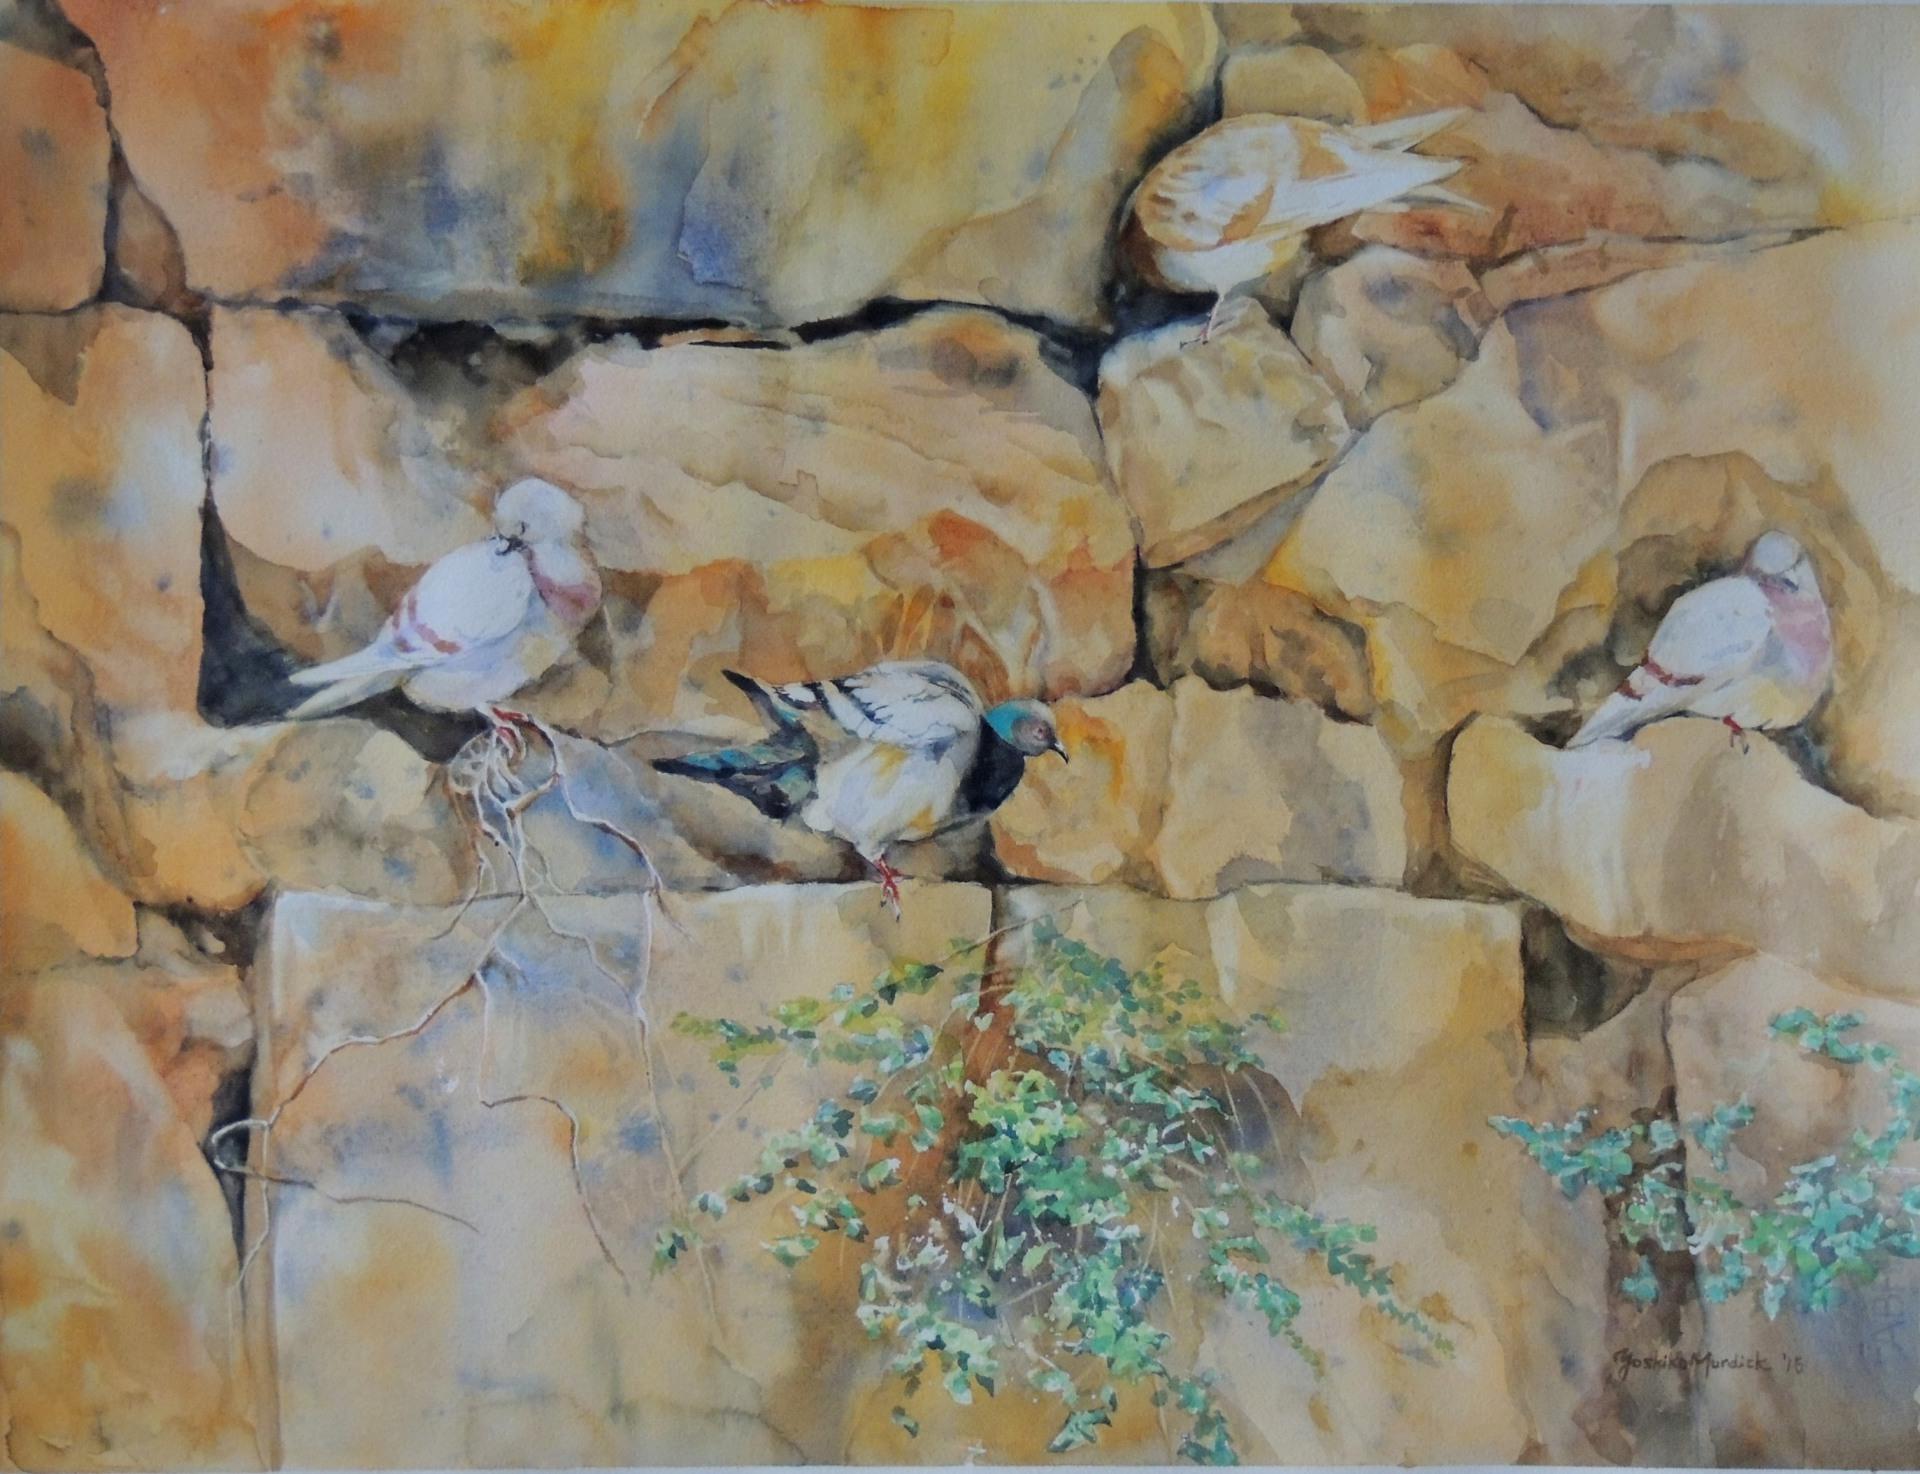 Doves in Barcelona, by Yoshiko Murdick